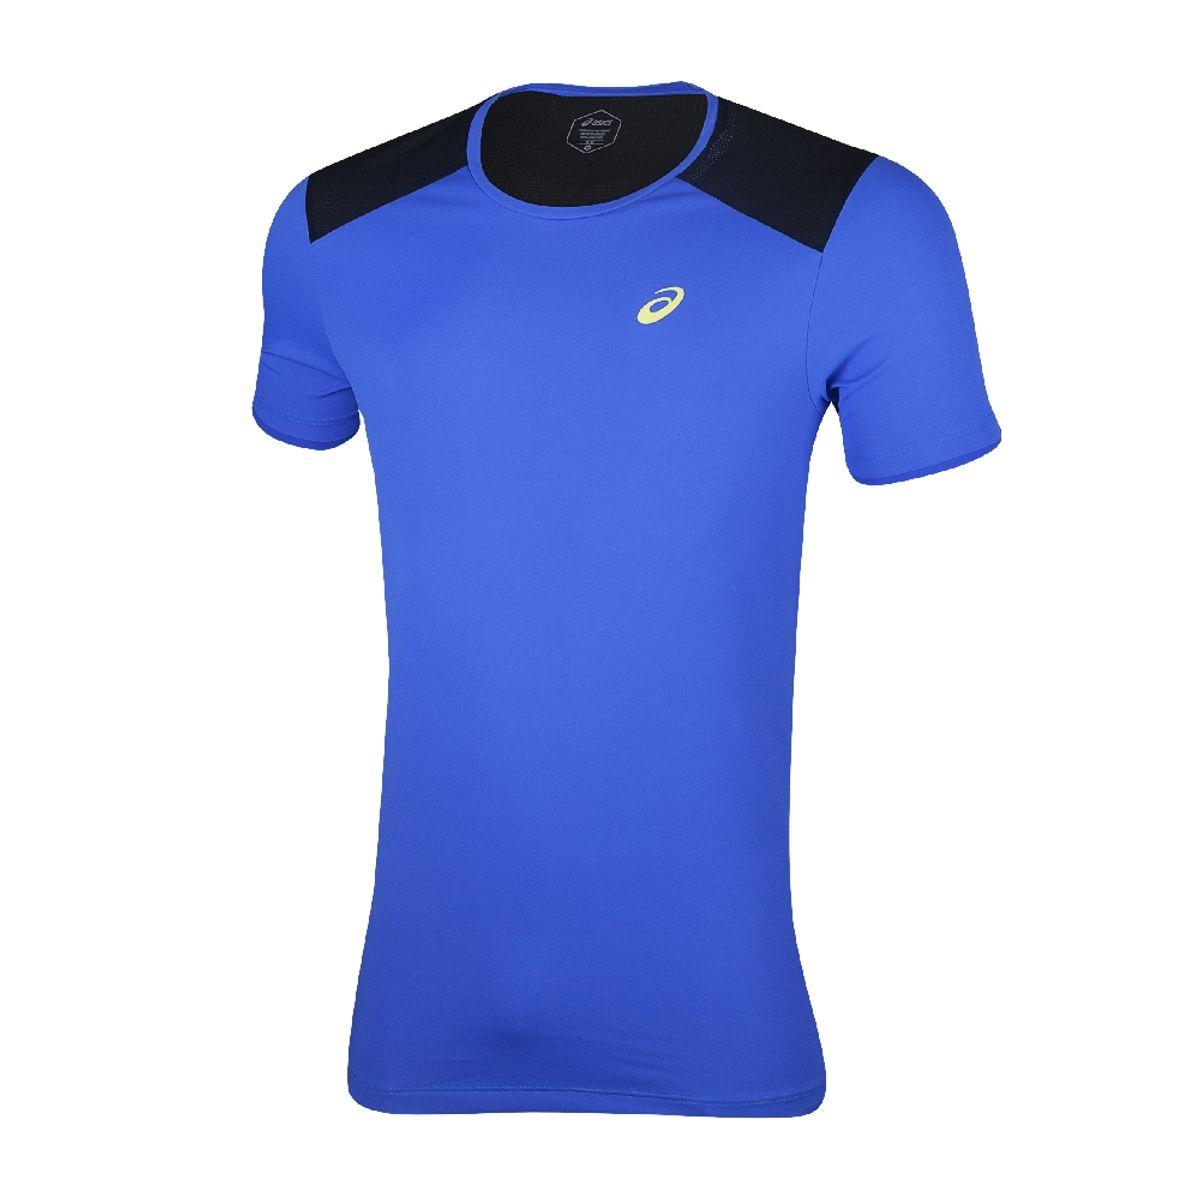 Camiseta-Asics-Short-Sleeve---Masculino---Azul